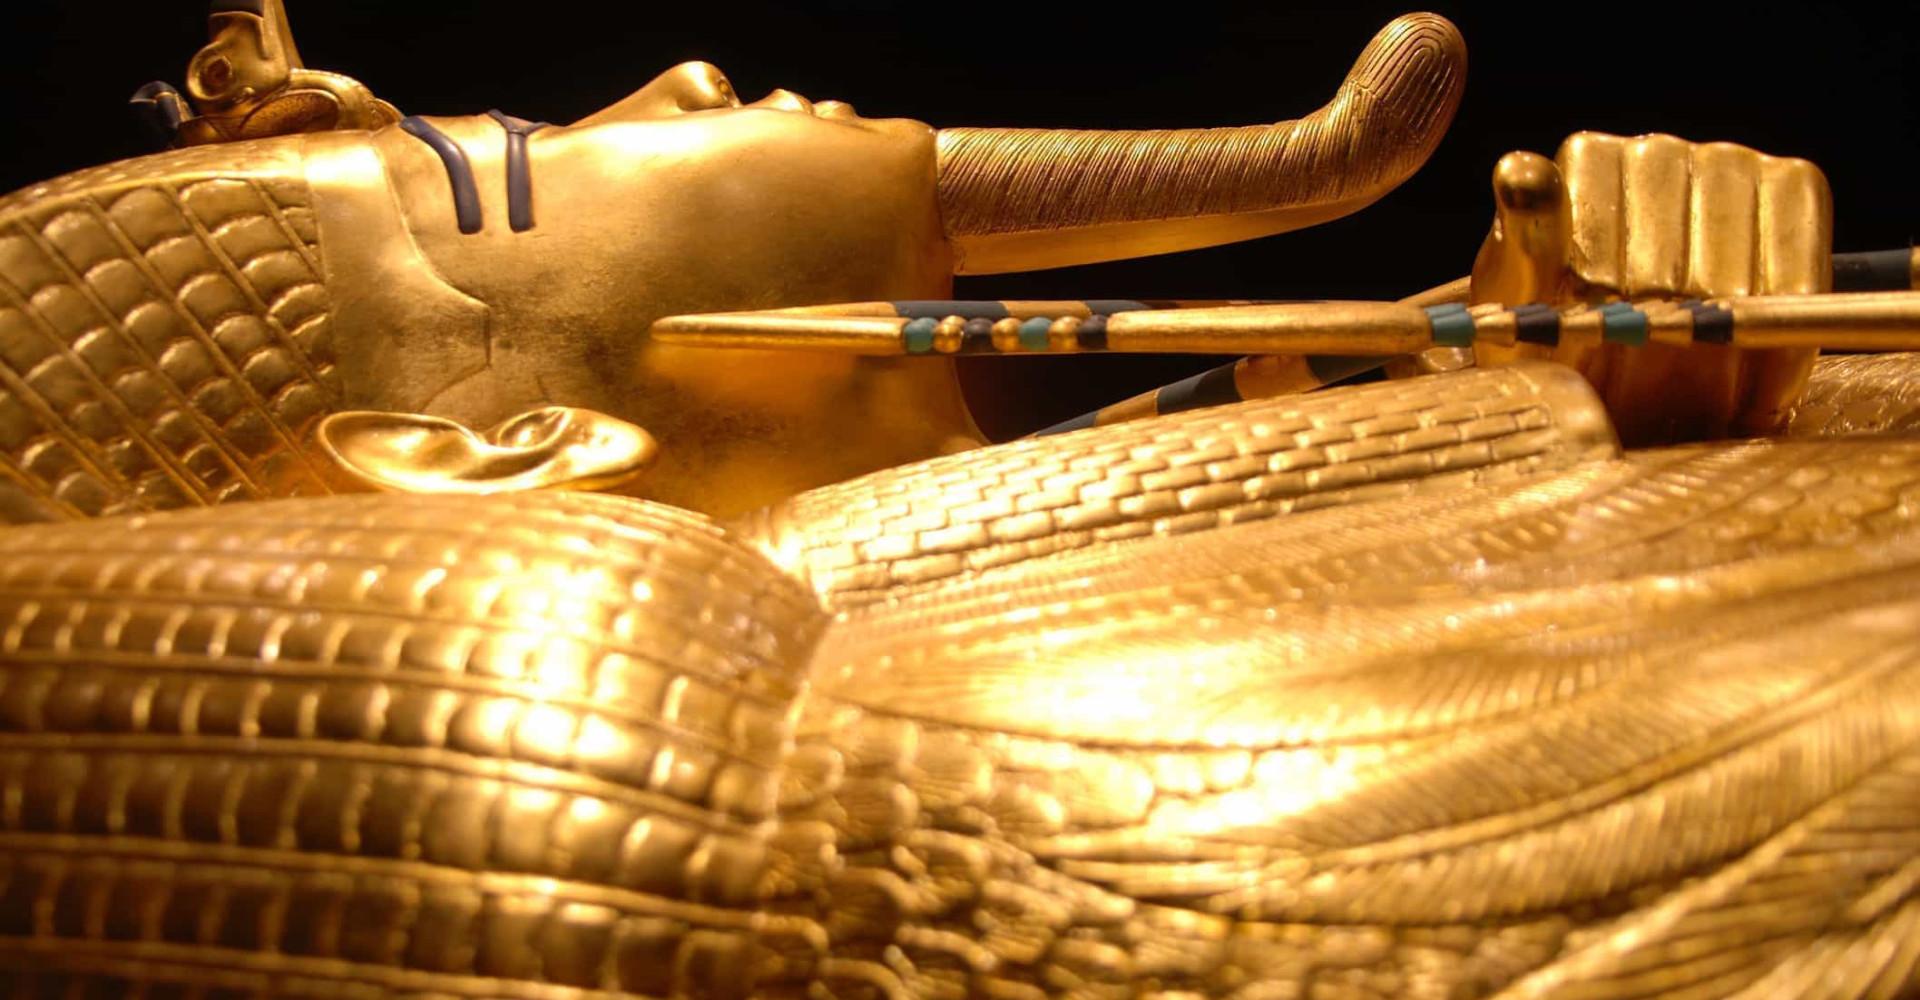 Tutankhamonin päivä on 4. marraskuuta, lue lisää kuuluisimmasta faaraosta!